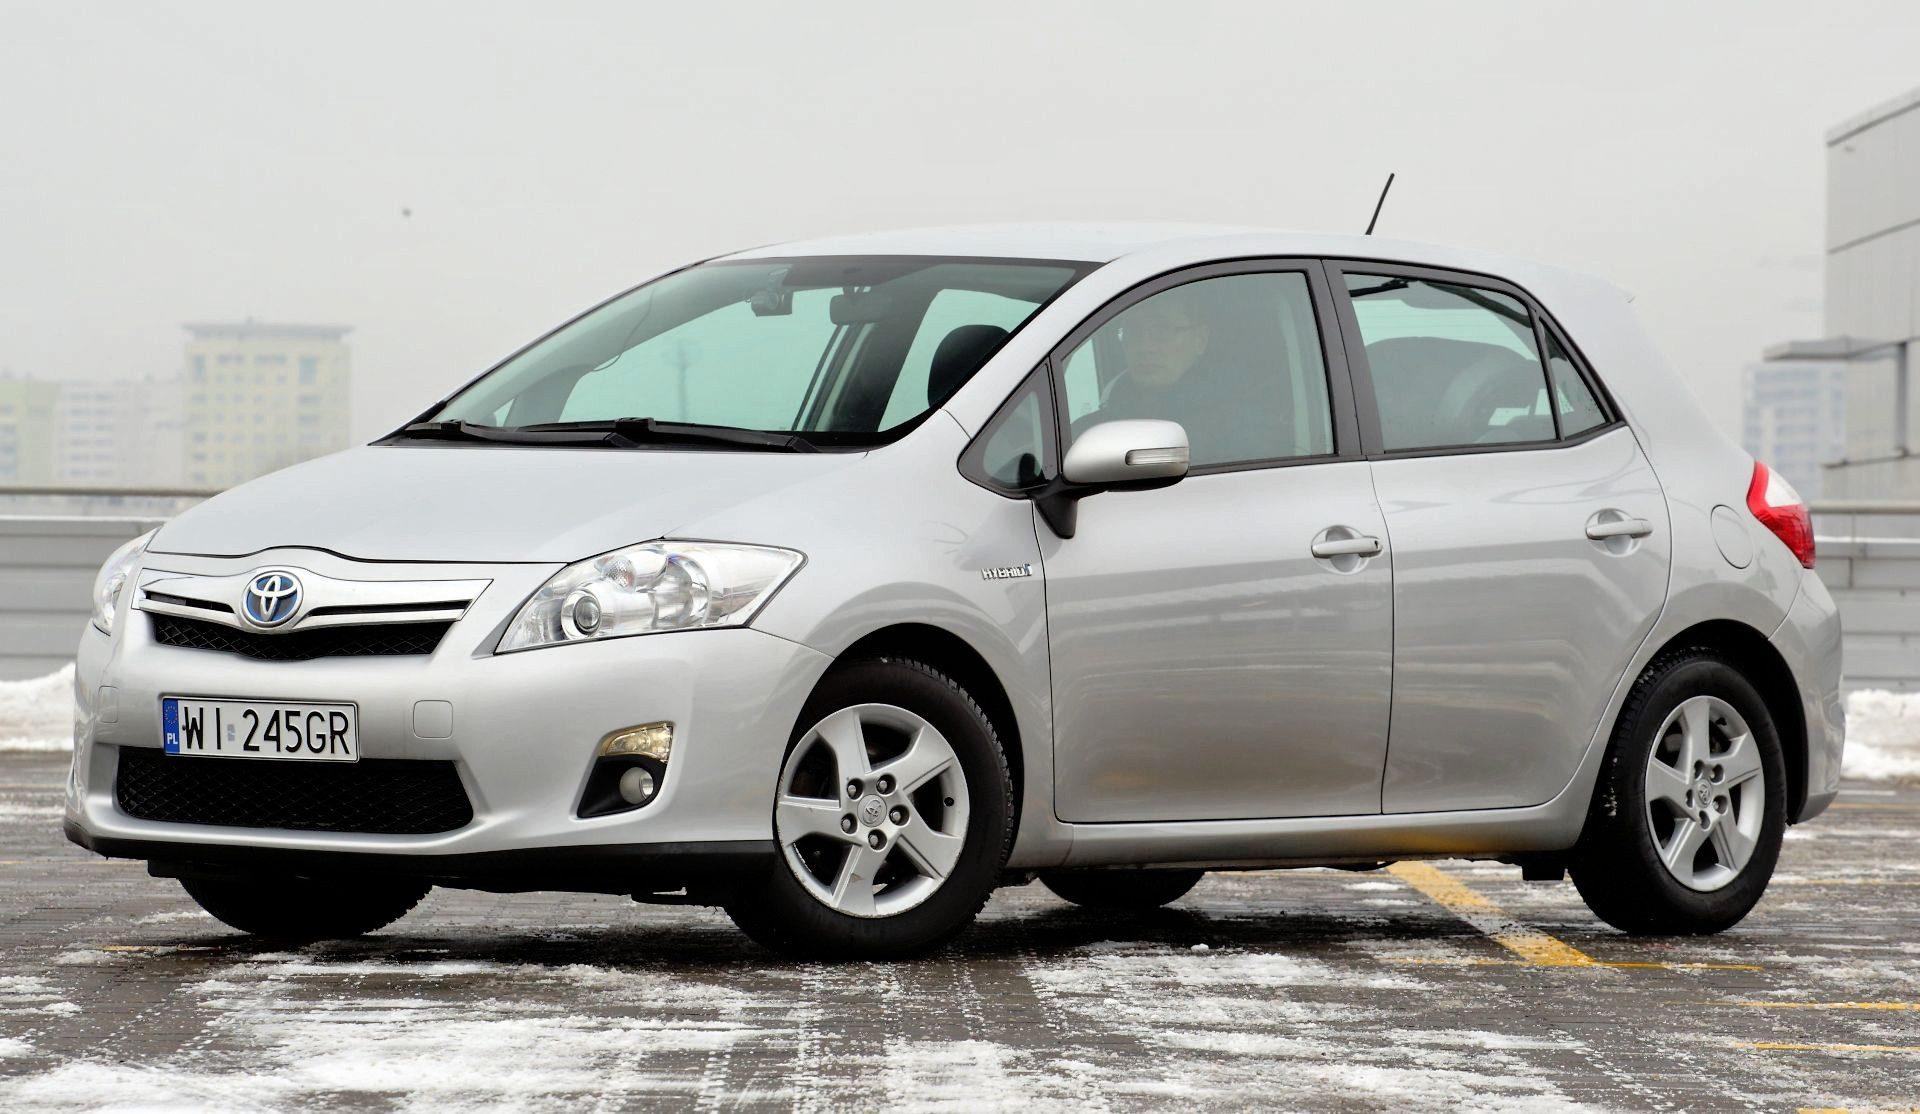 Toyota Auris I Hybrid Tani Samochod Hybrydowy Uzywane